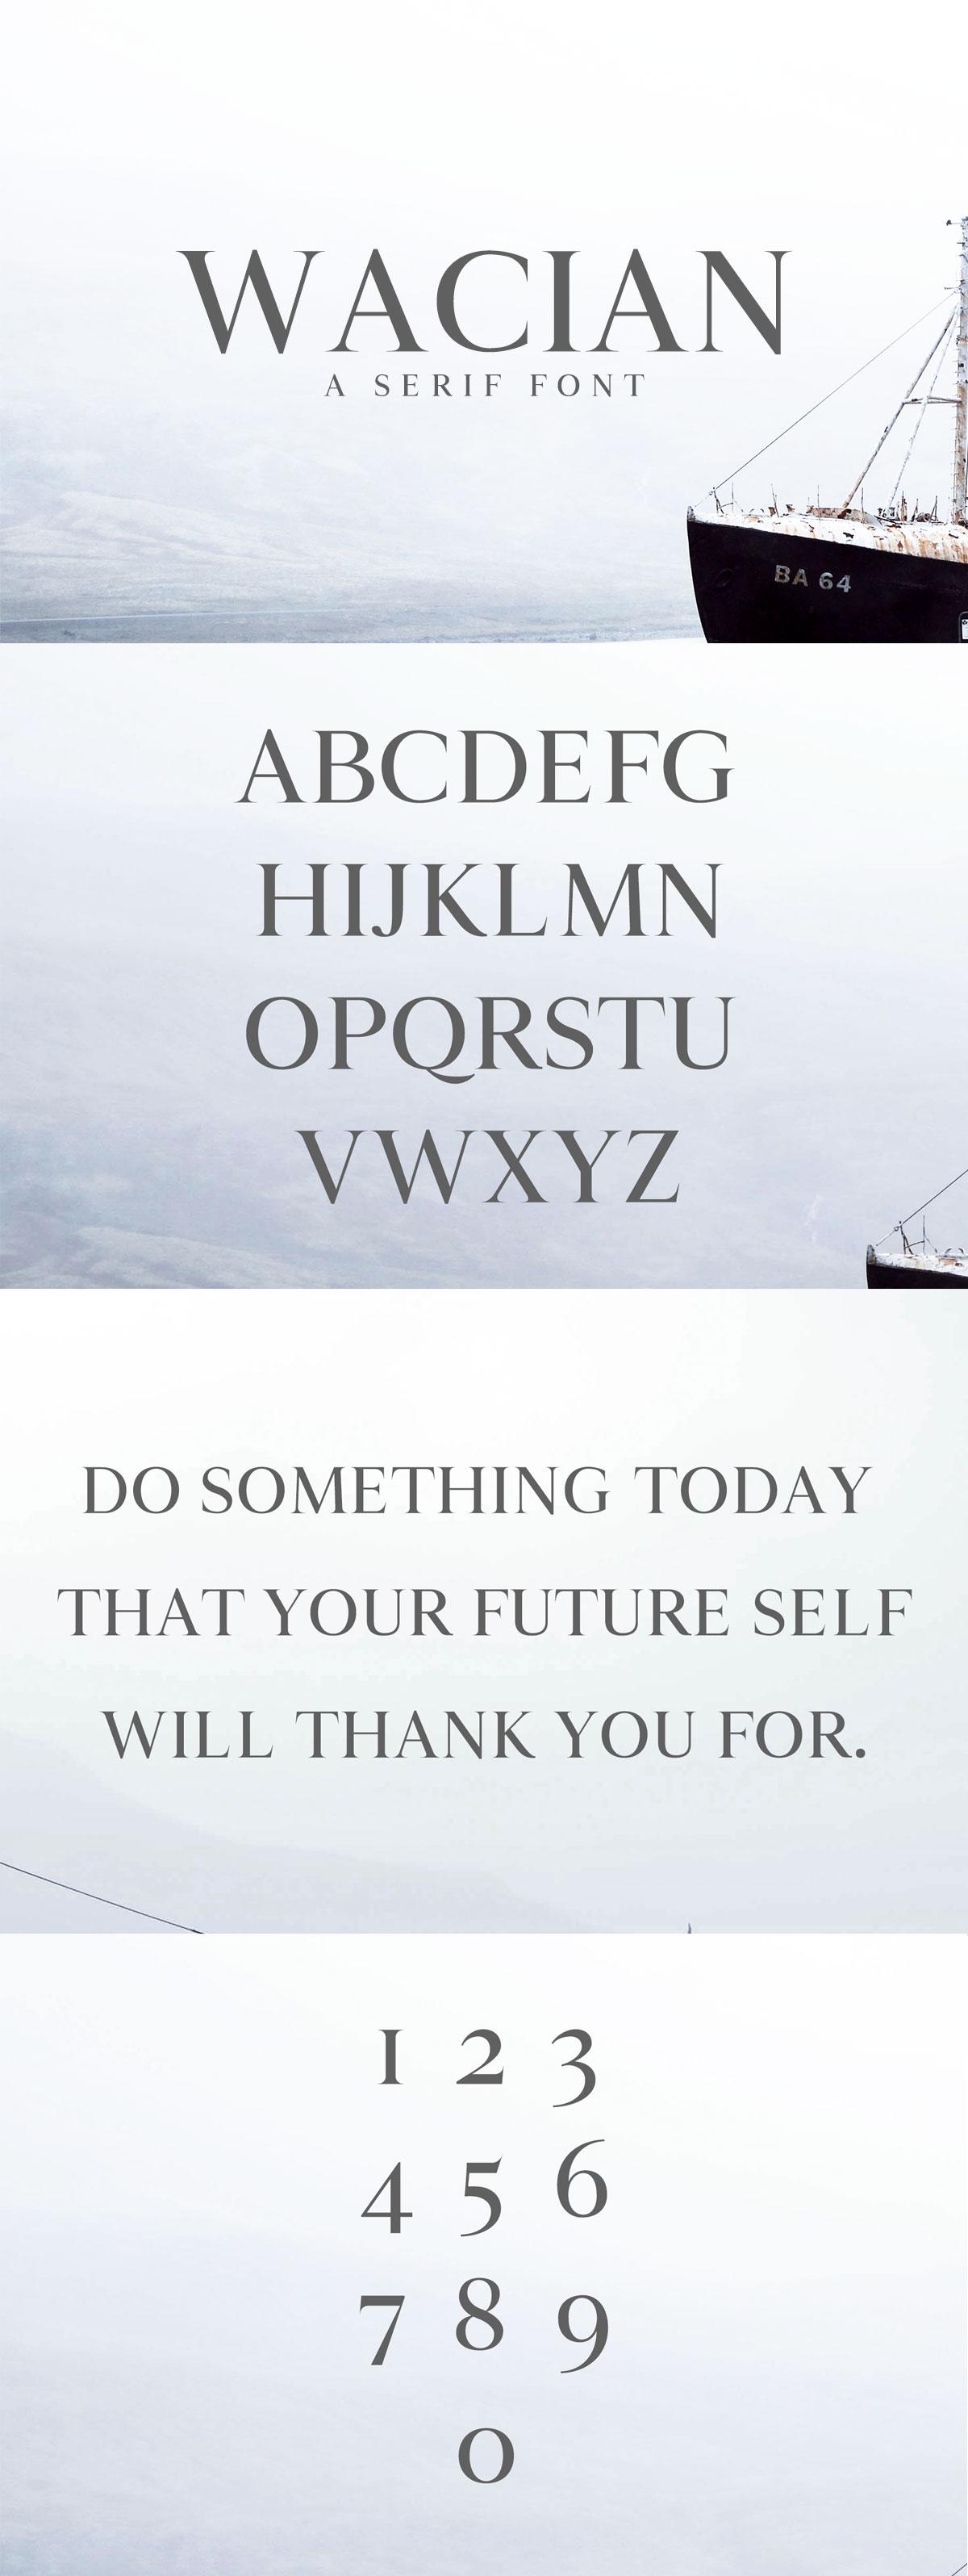 Free Wacian Serif Font